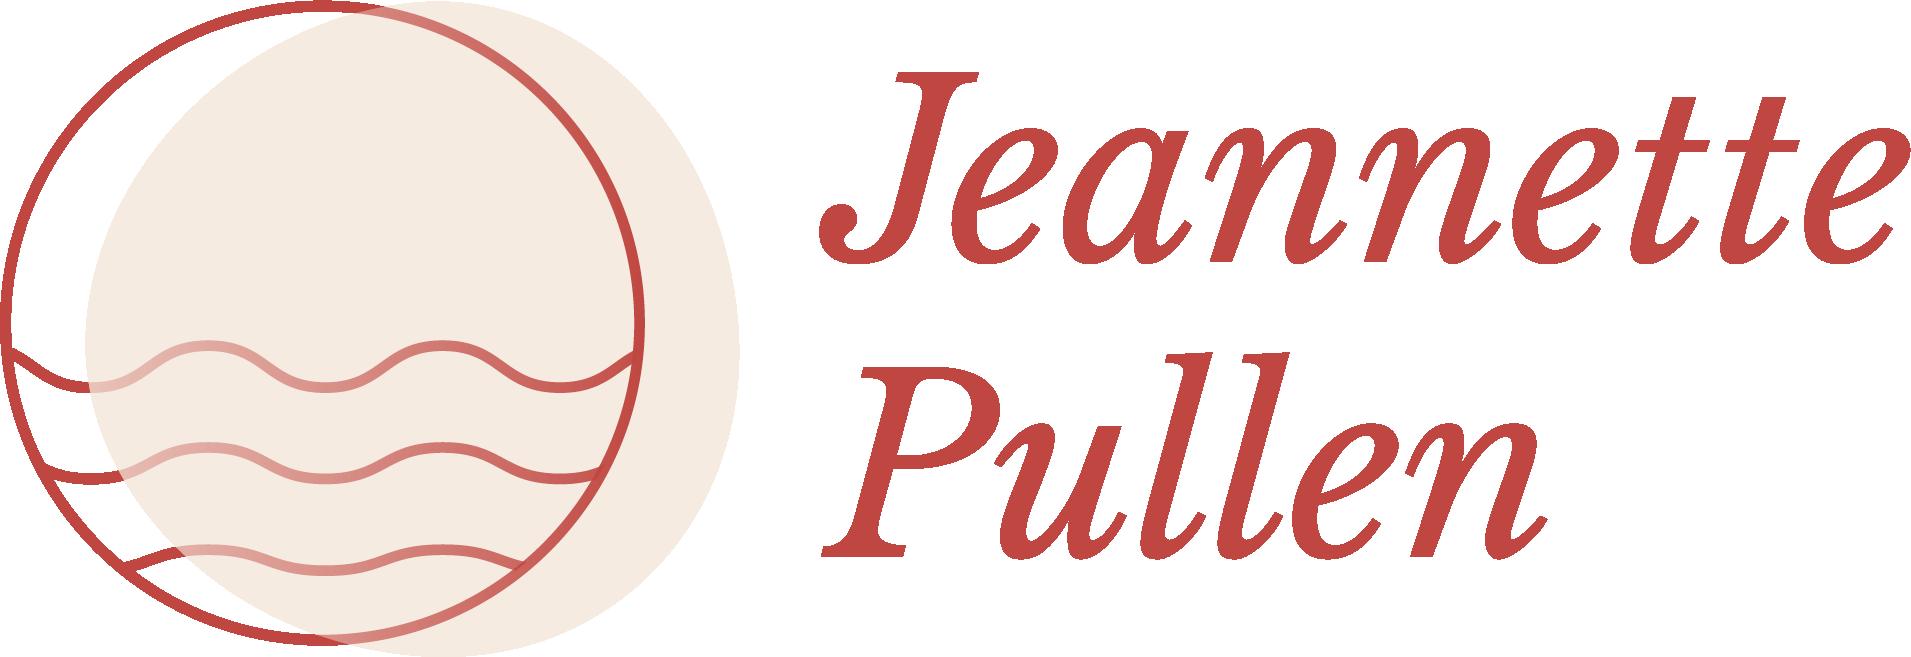 Jeannette Pullen